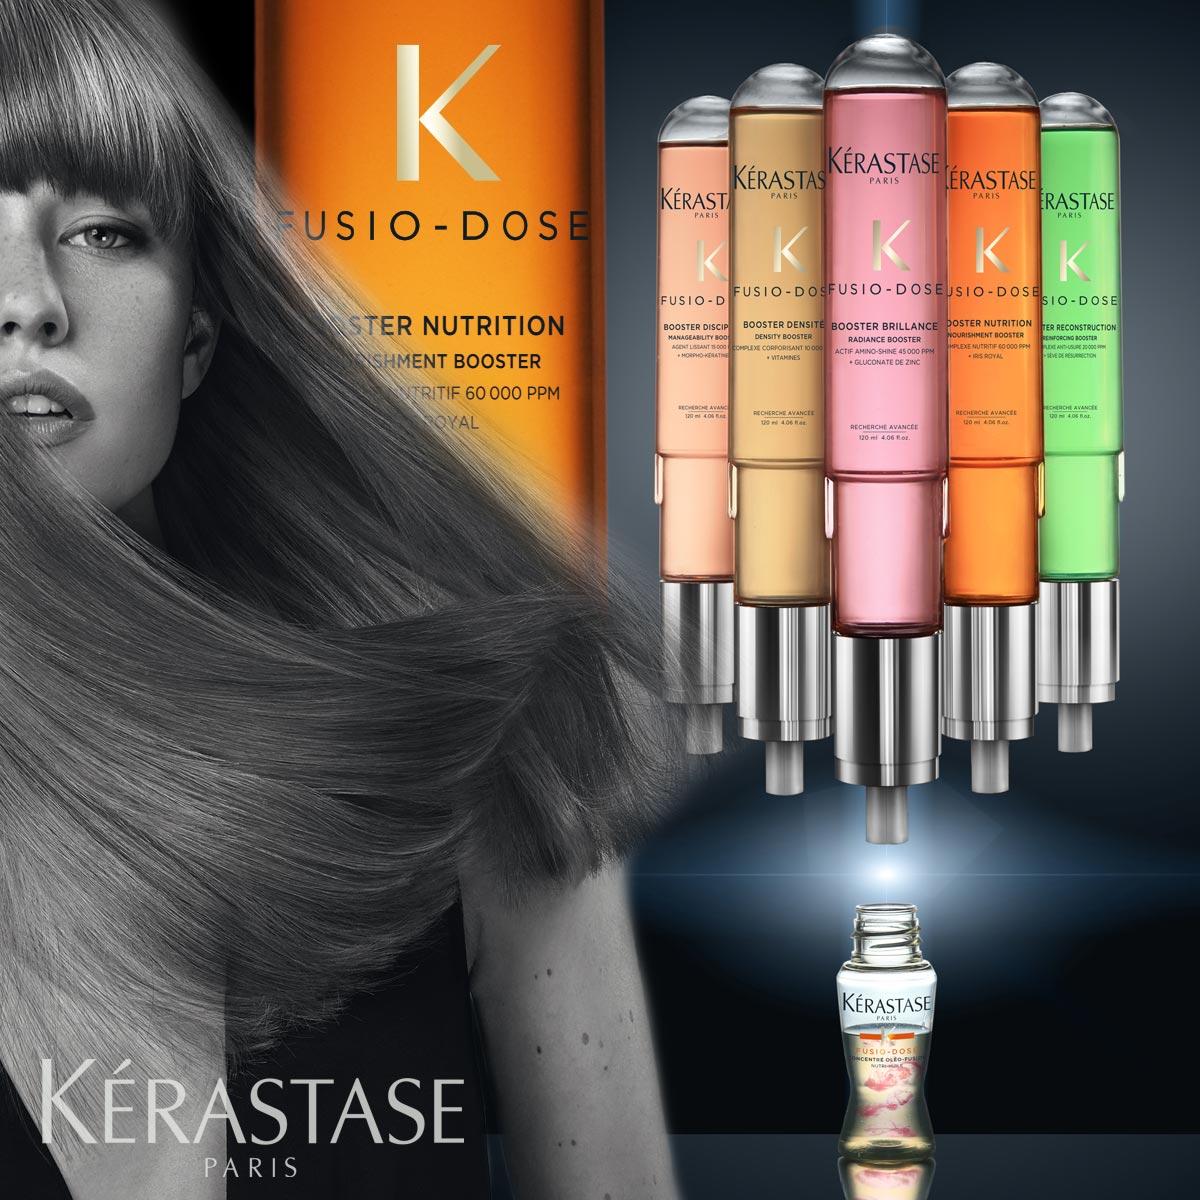 Expresní regenerace vlasů je teď možná díky službě salonů Kérastase – Fusio Dose.